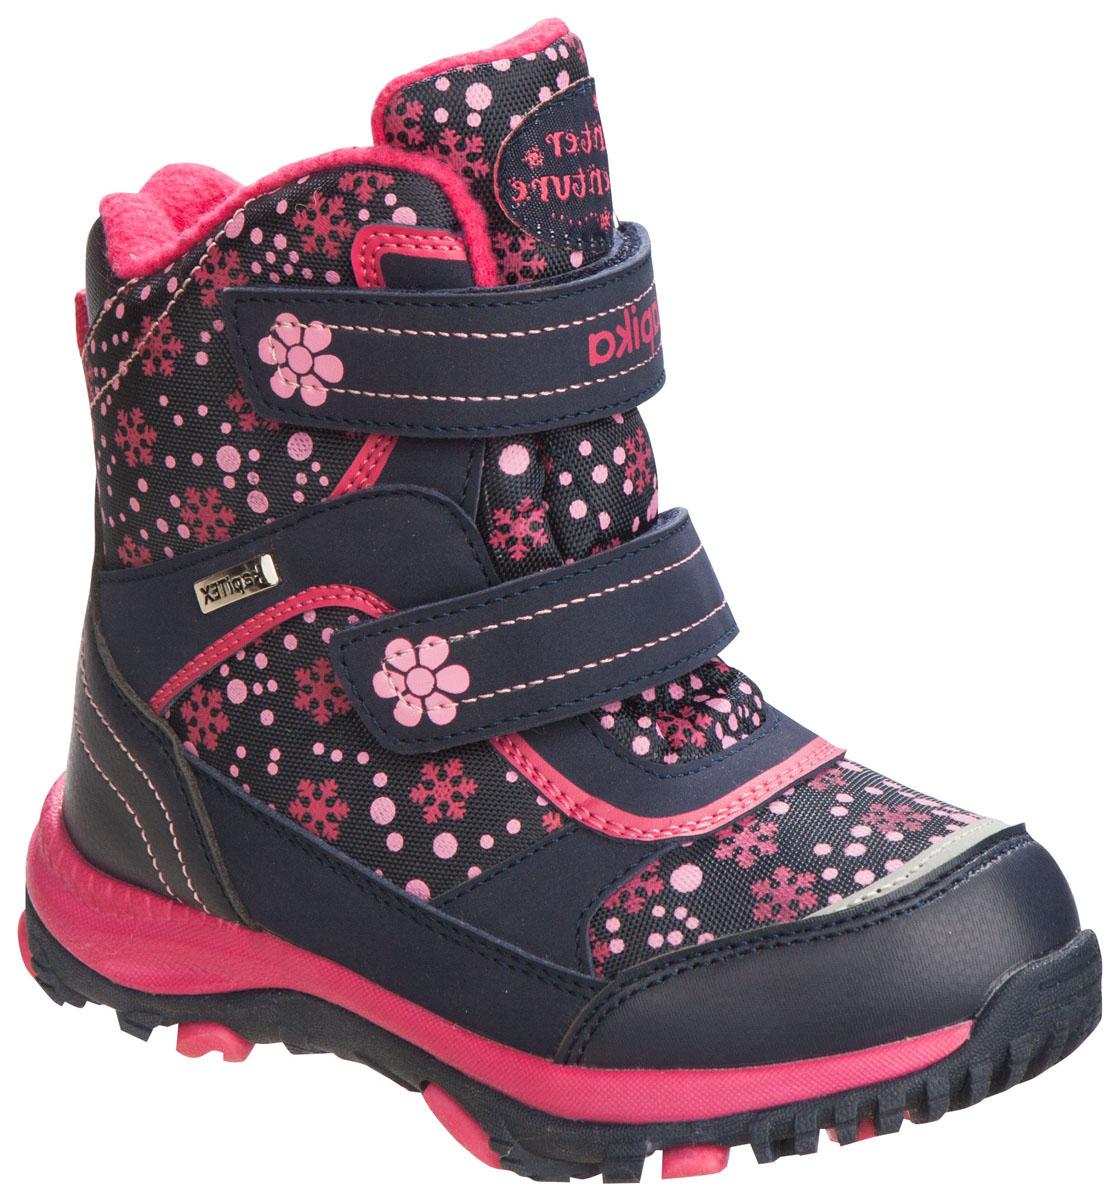 42164-1Легкие, удобные и теплые ботинки от Kapika выполнены из мембранных материалов и искусственной кожи. Два ремешка на застежках-липучках надежно фиксируют изделие на ноге. Мягкая подкладка и стелька из шерсти обеспечивают тепло, циркуляцию воздуха и сохраняют комфортный микроклимат в обуви. Подошва с протектором гарантирует идеальное сцепление с любыми поверхностями. Идеальная зимняя обувь для активных детей. Модель большемерит на 1 размер.